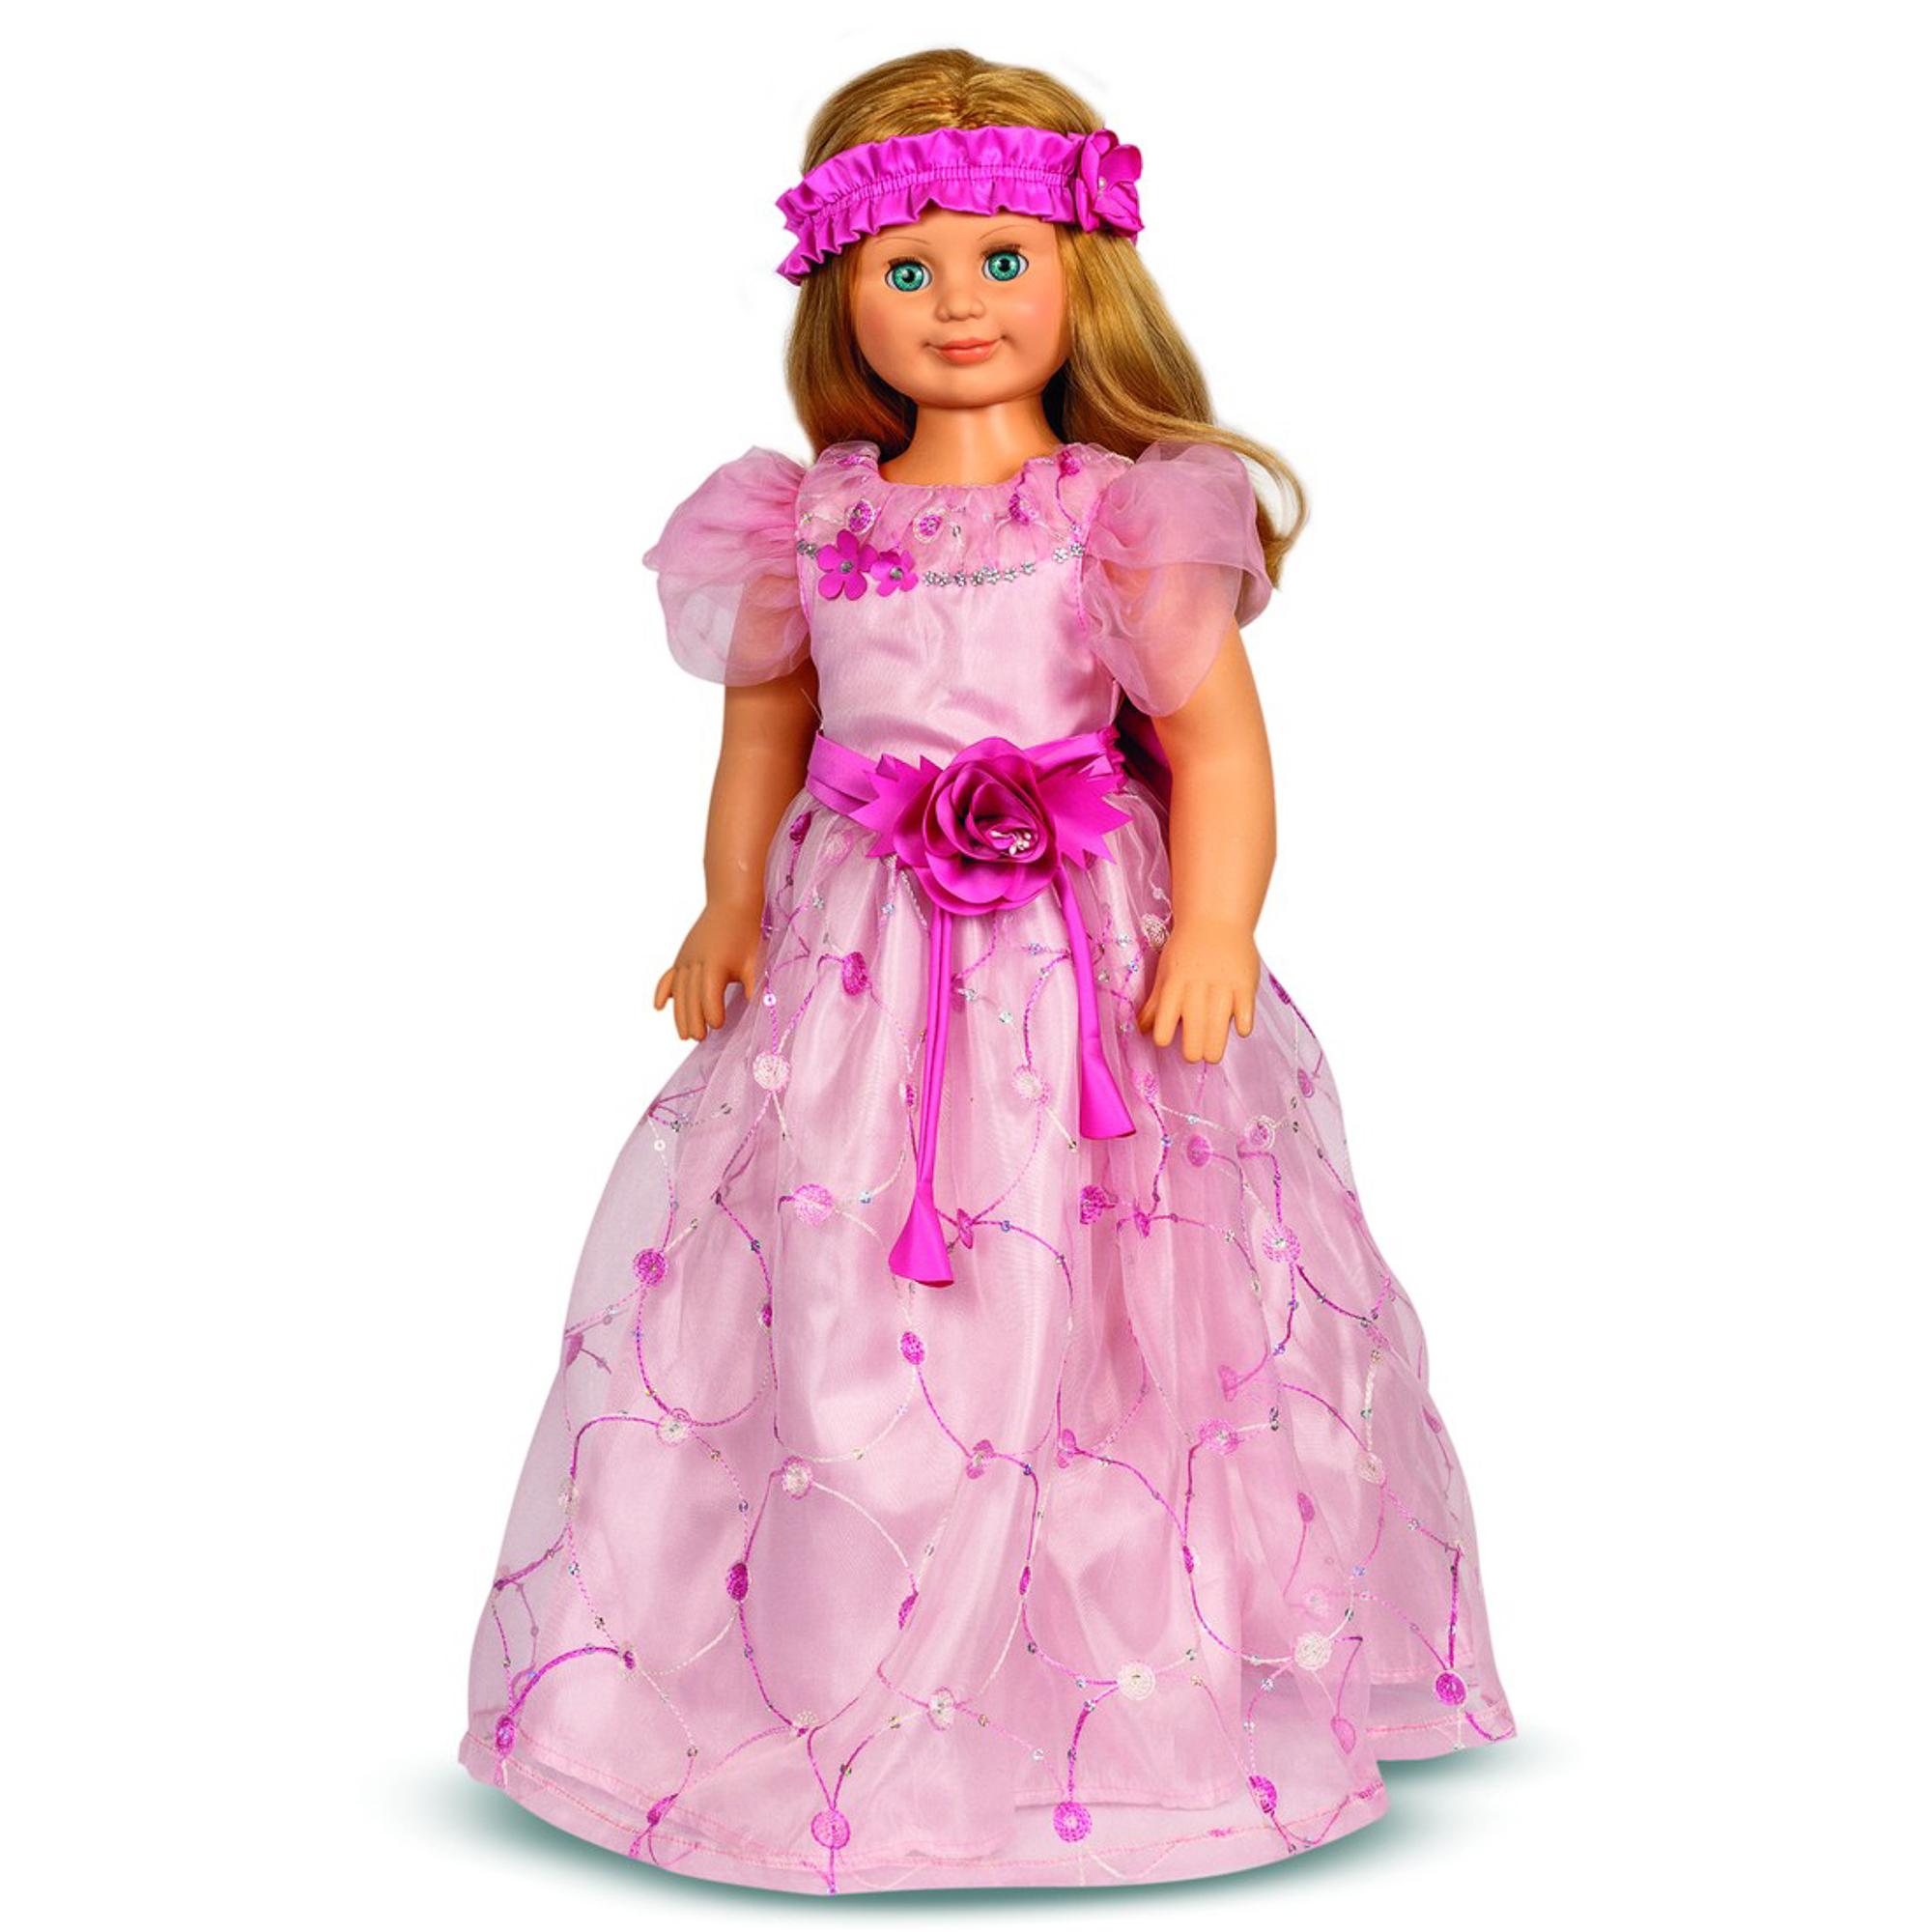 Кукла Милана 7. Со звуковым устройством Весна фото